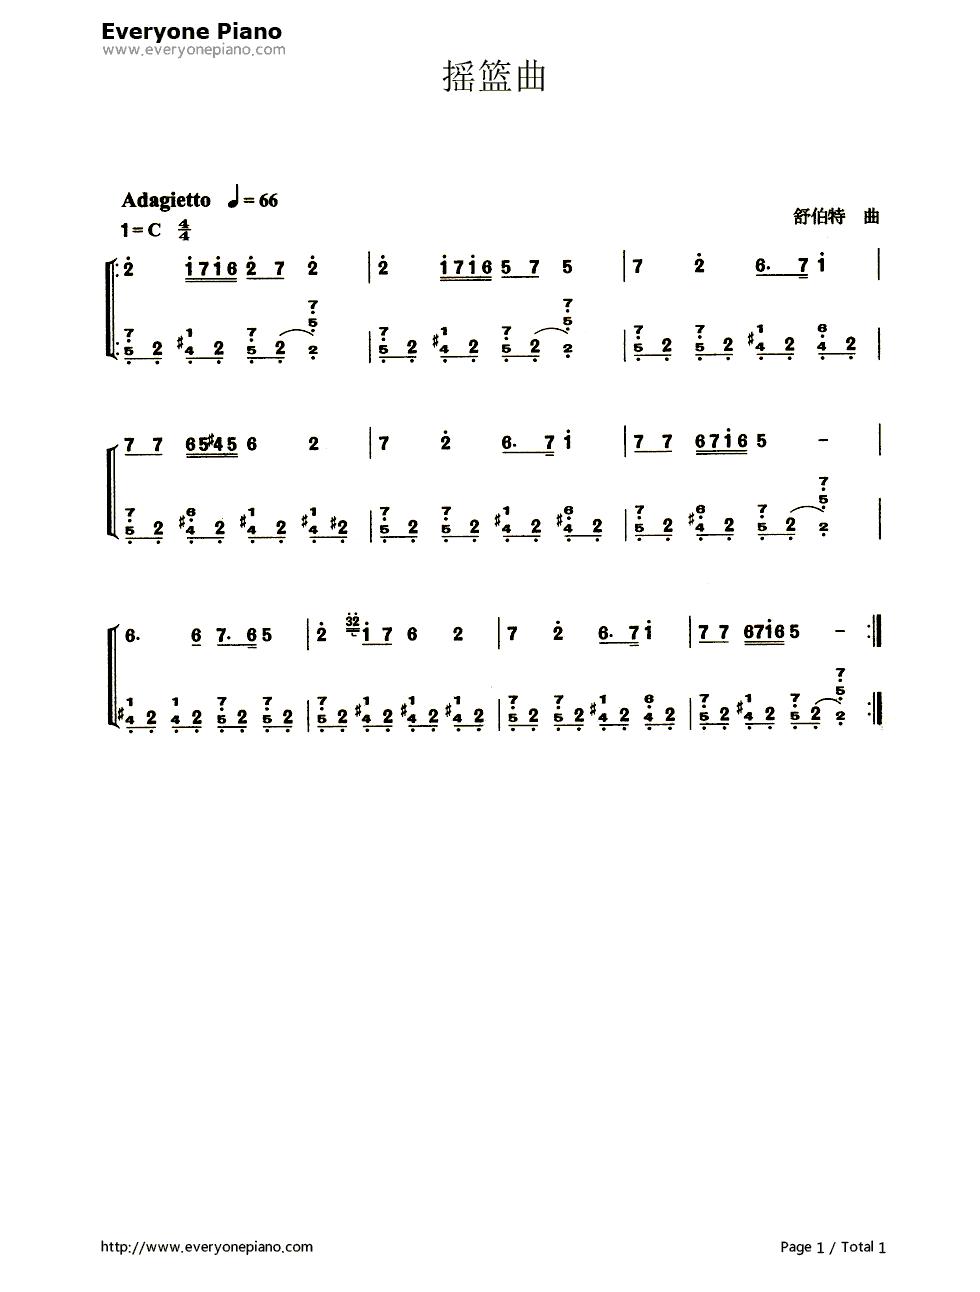 钢琴曲谱 经典 摇篮曲(lullaby)舒伯特版 摇篮曲(lullaby)舒伯特版